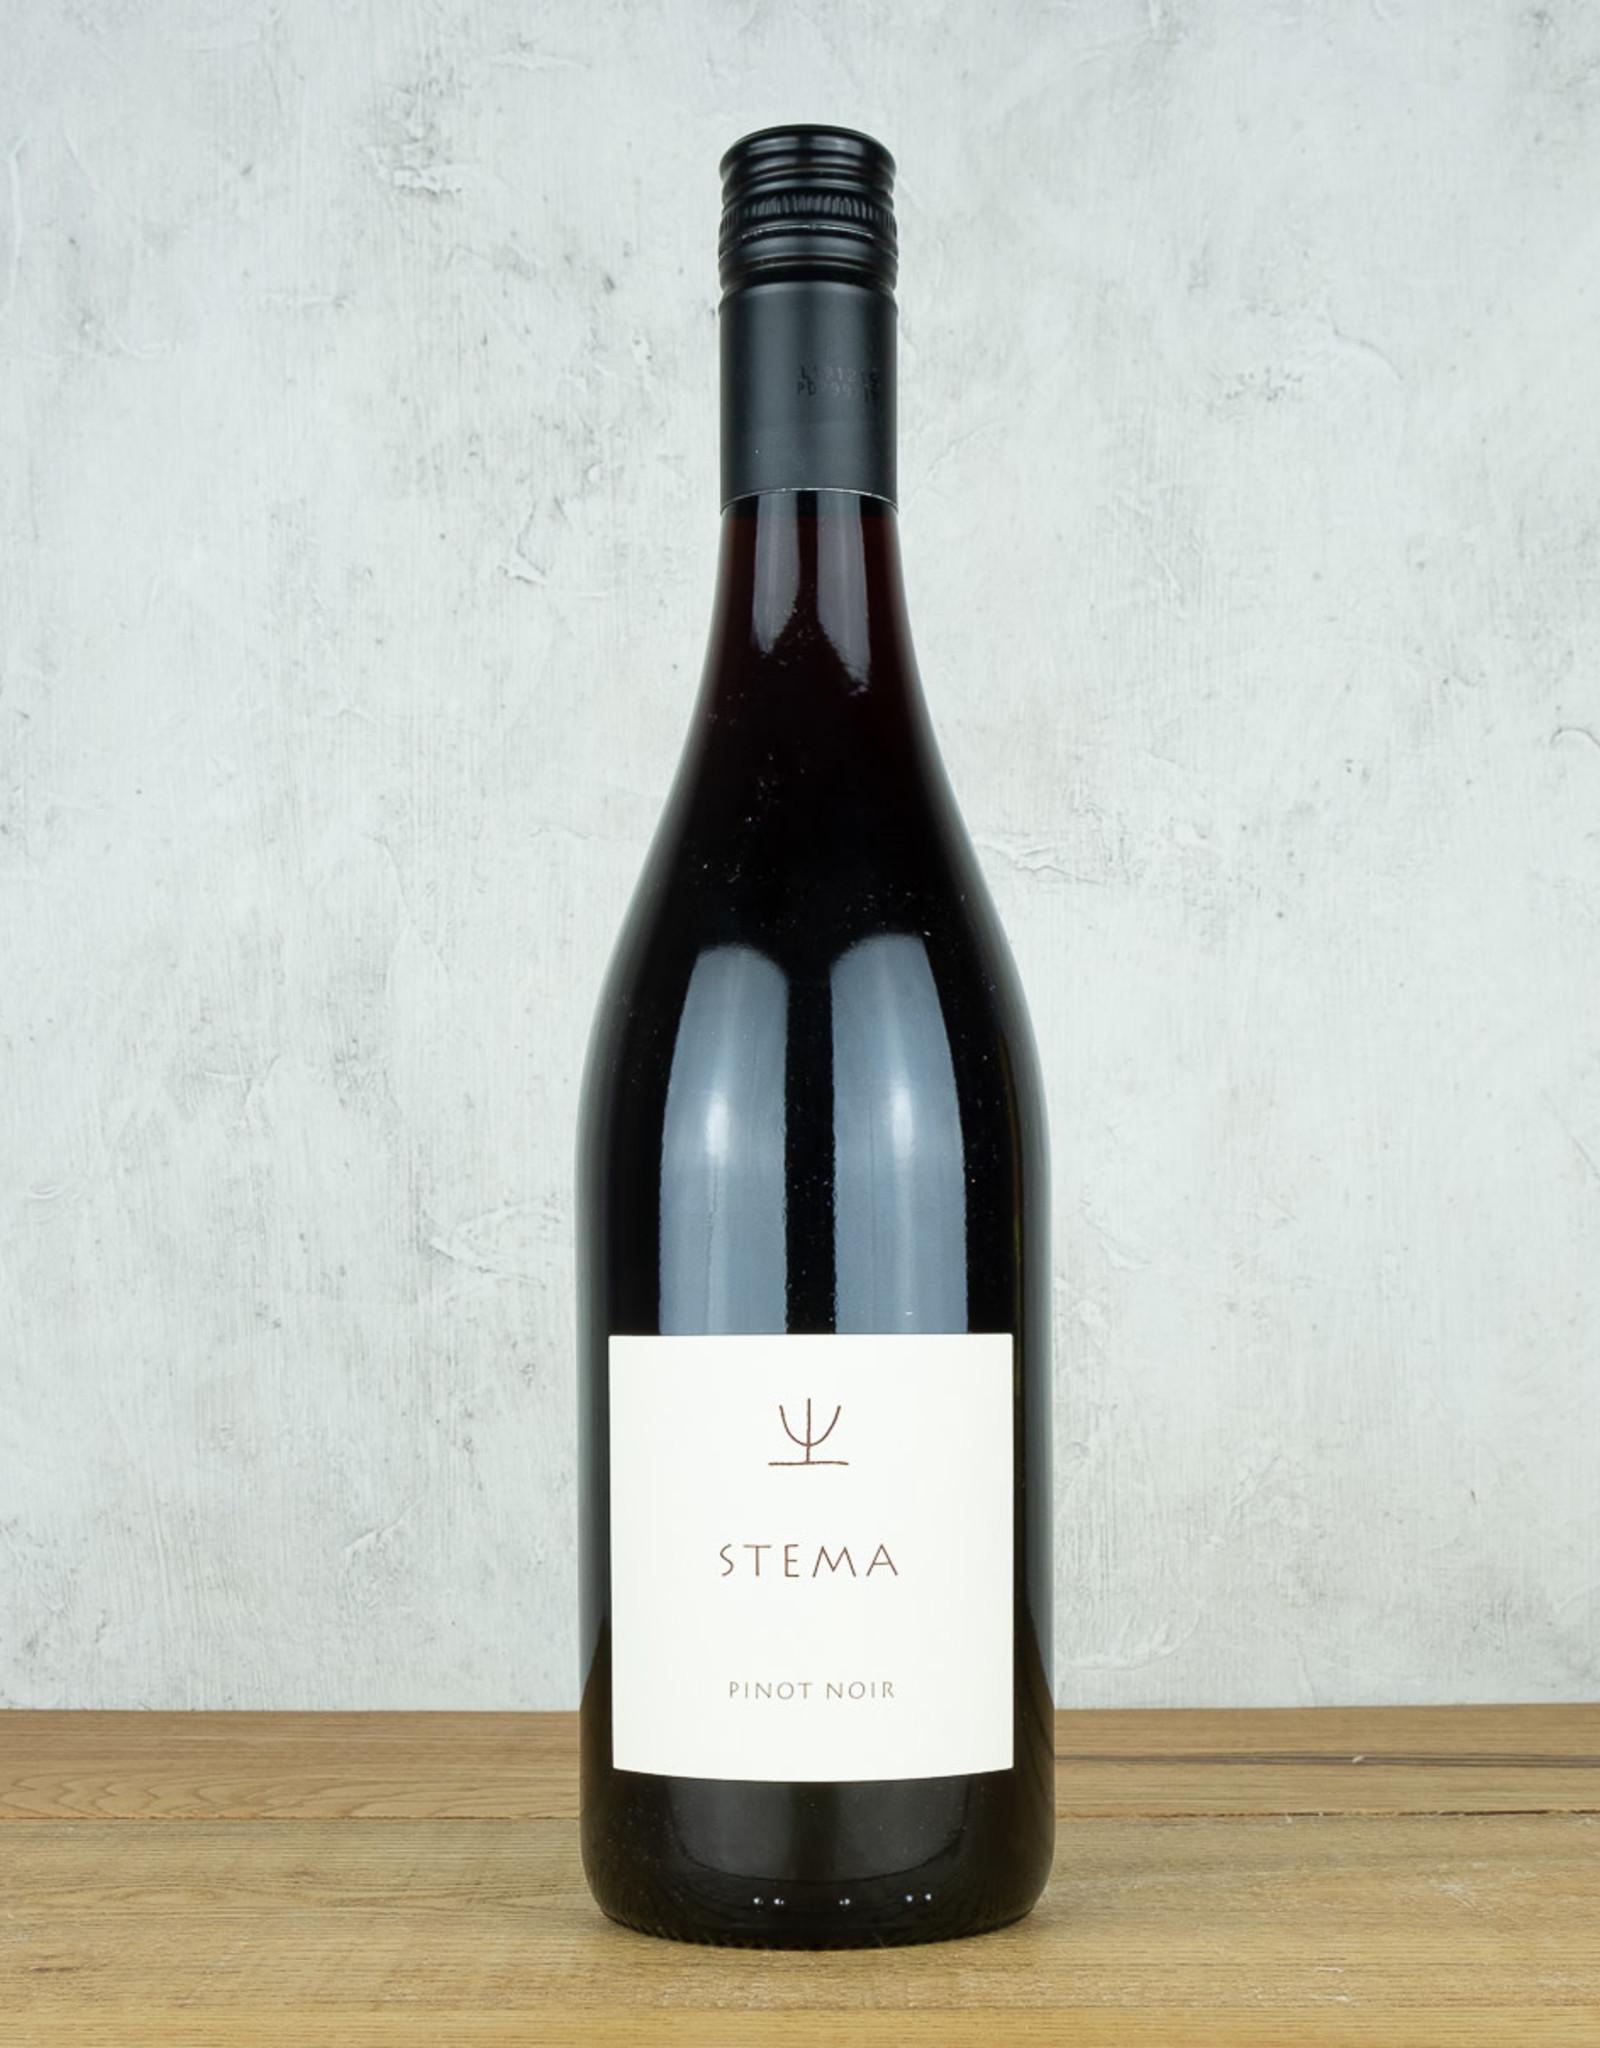 Stema Pinot Noir